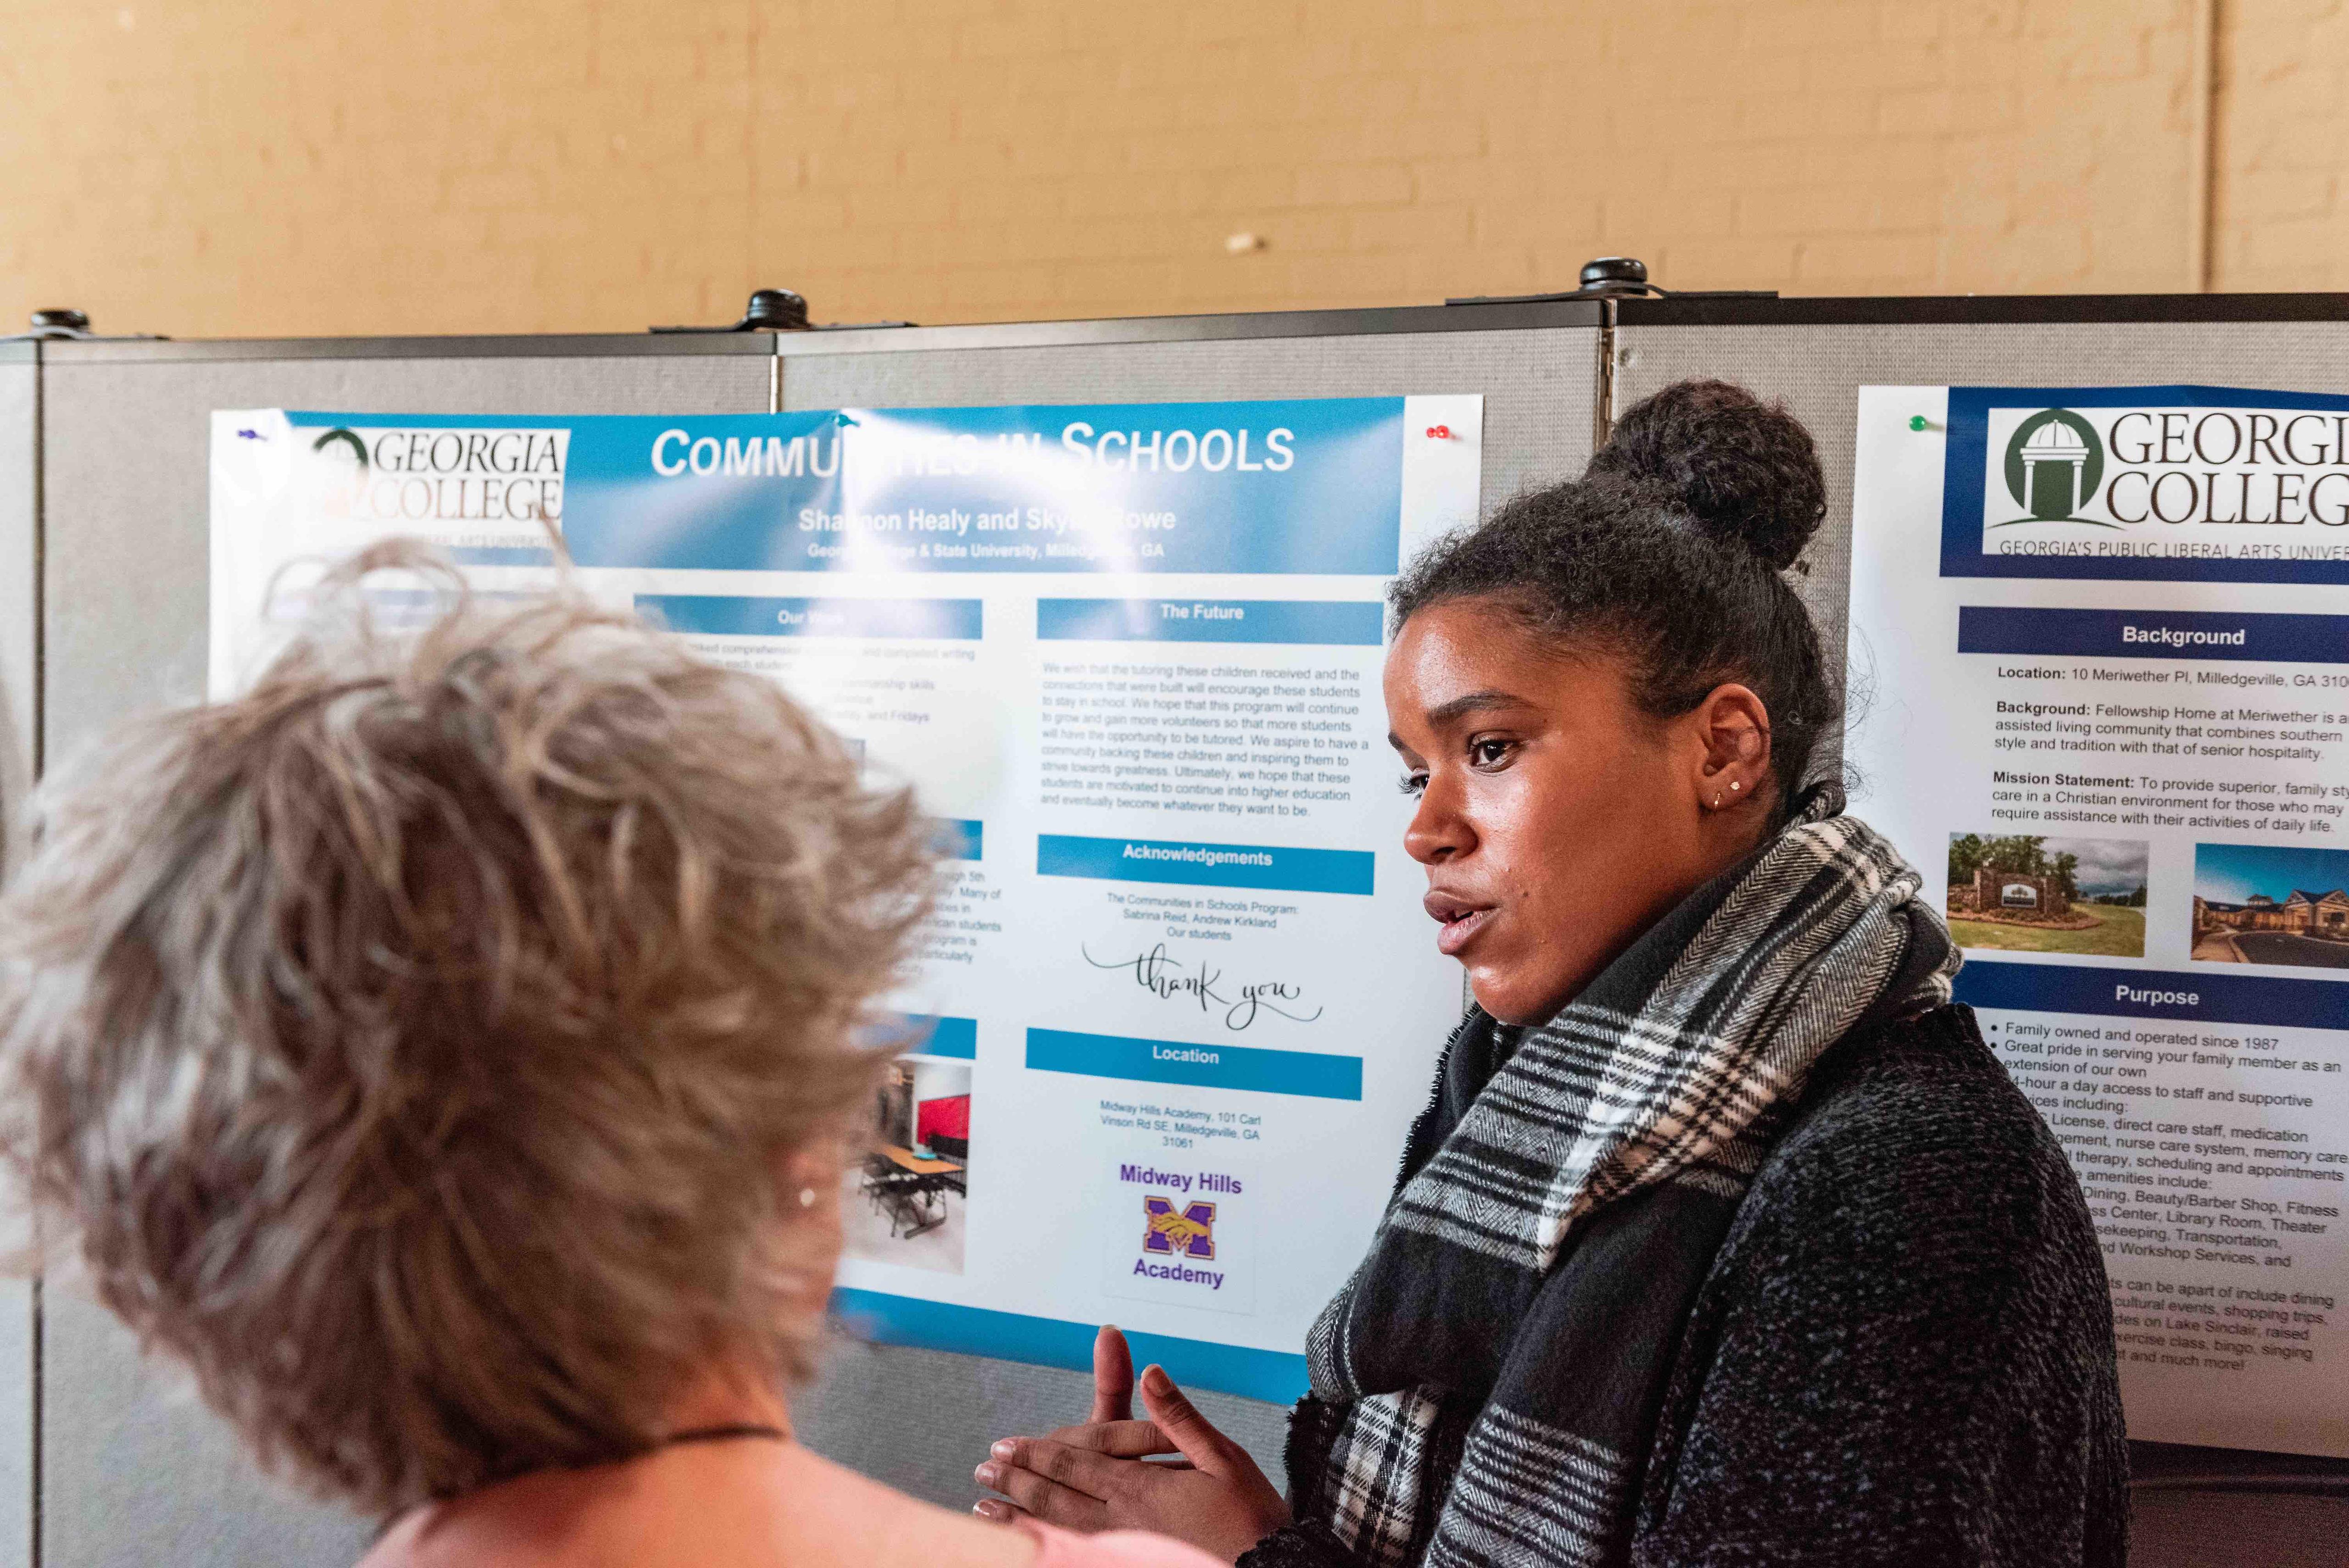 Undergraduate research at Georgia College.